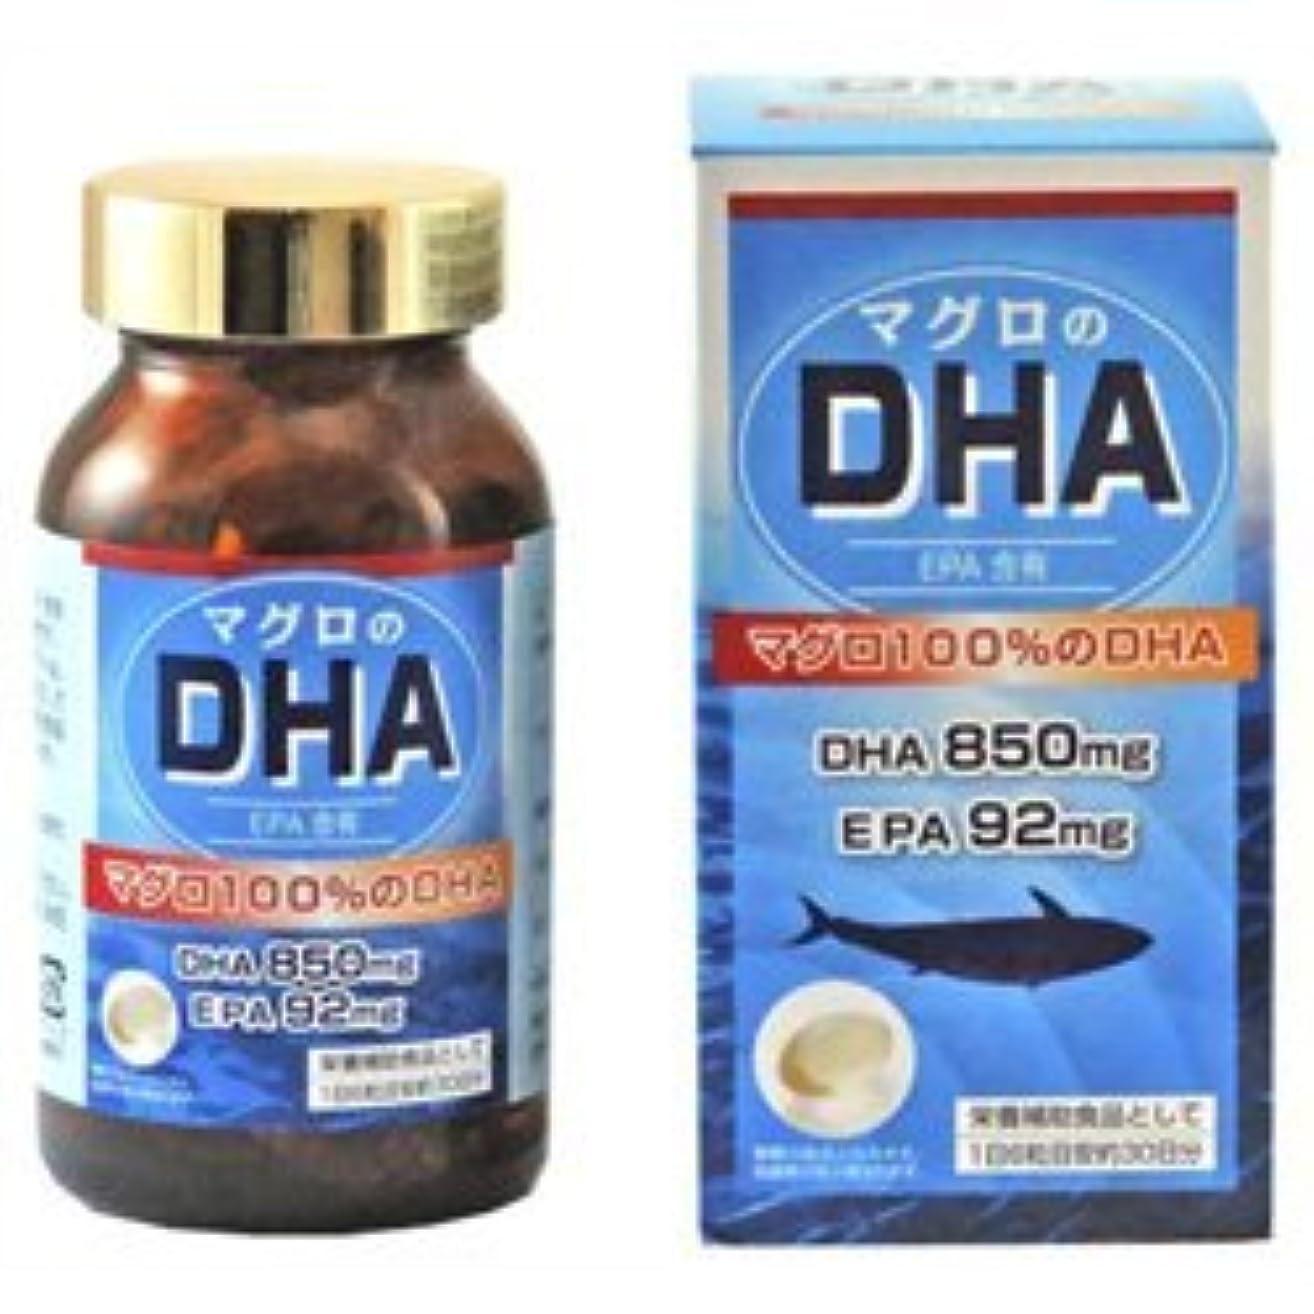 ジョセフバンクス高尚な無臭【ユニマットリケン】DHA850 180粒 ×3個セット